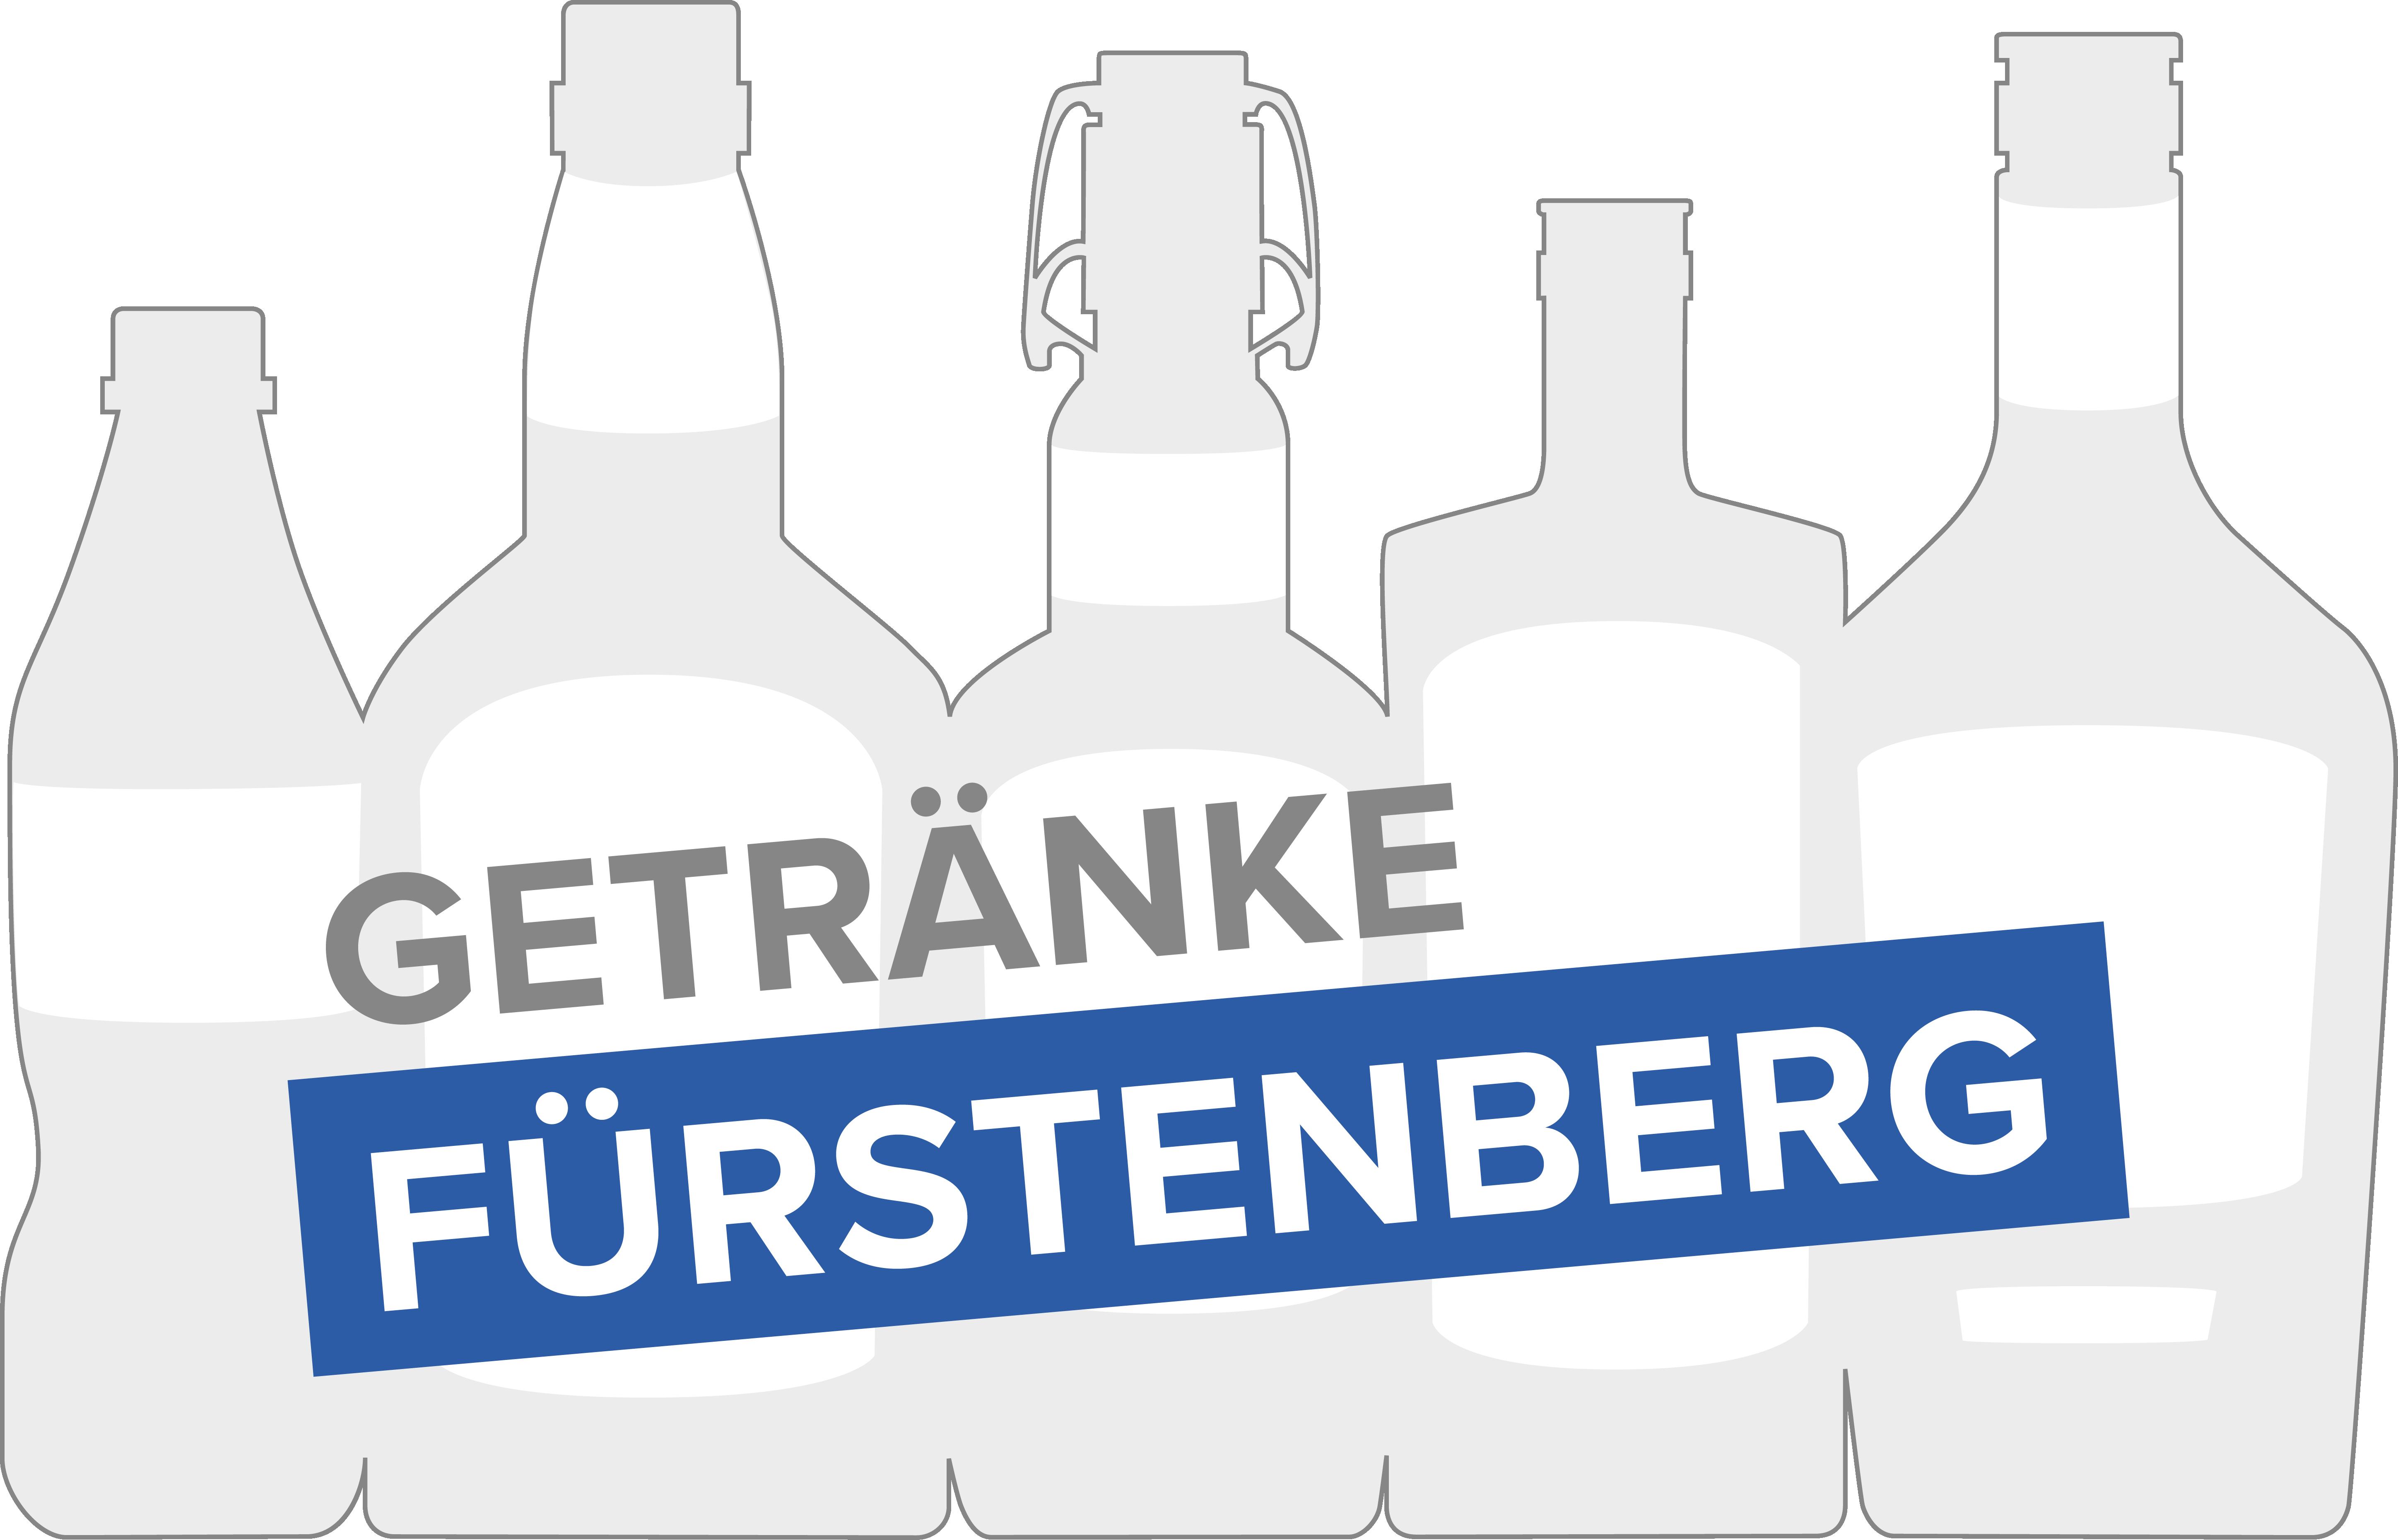 Fuerstenberg Getraenke